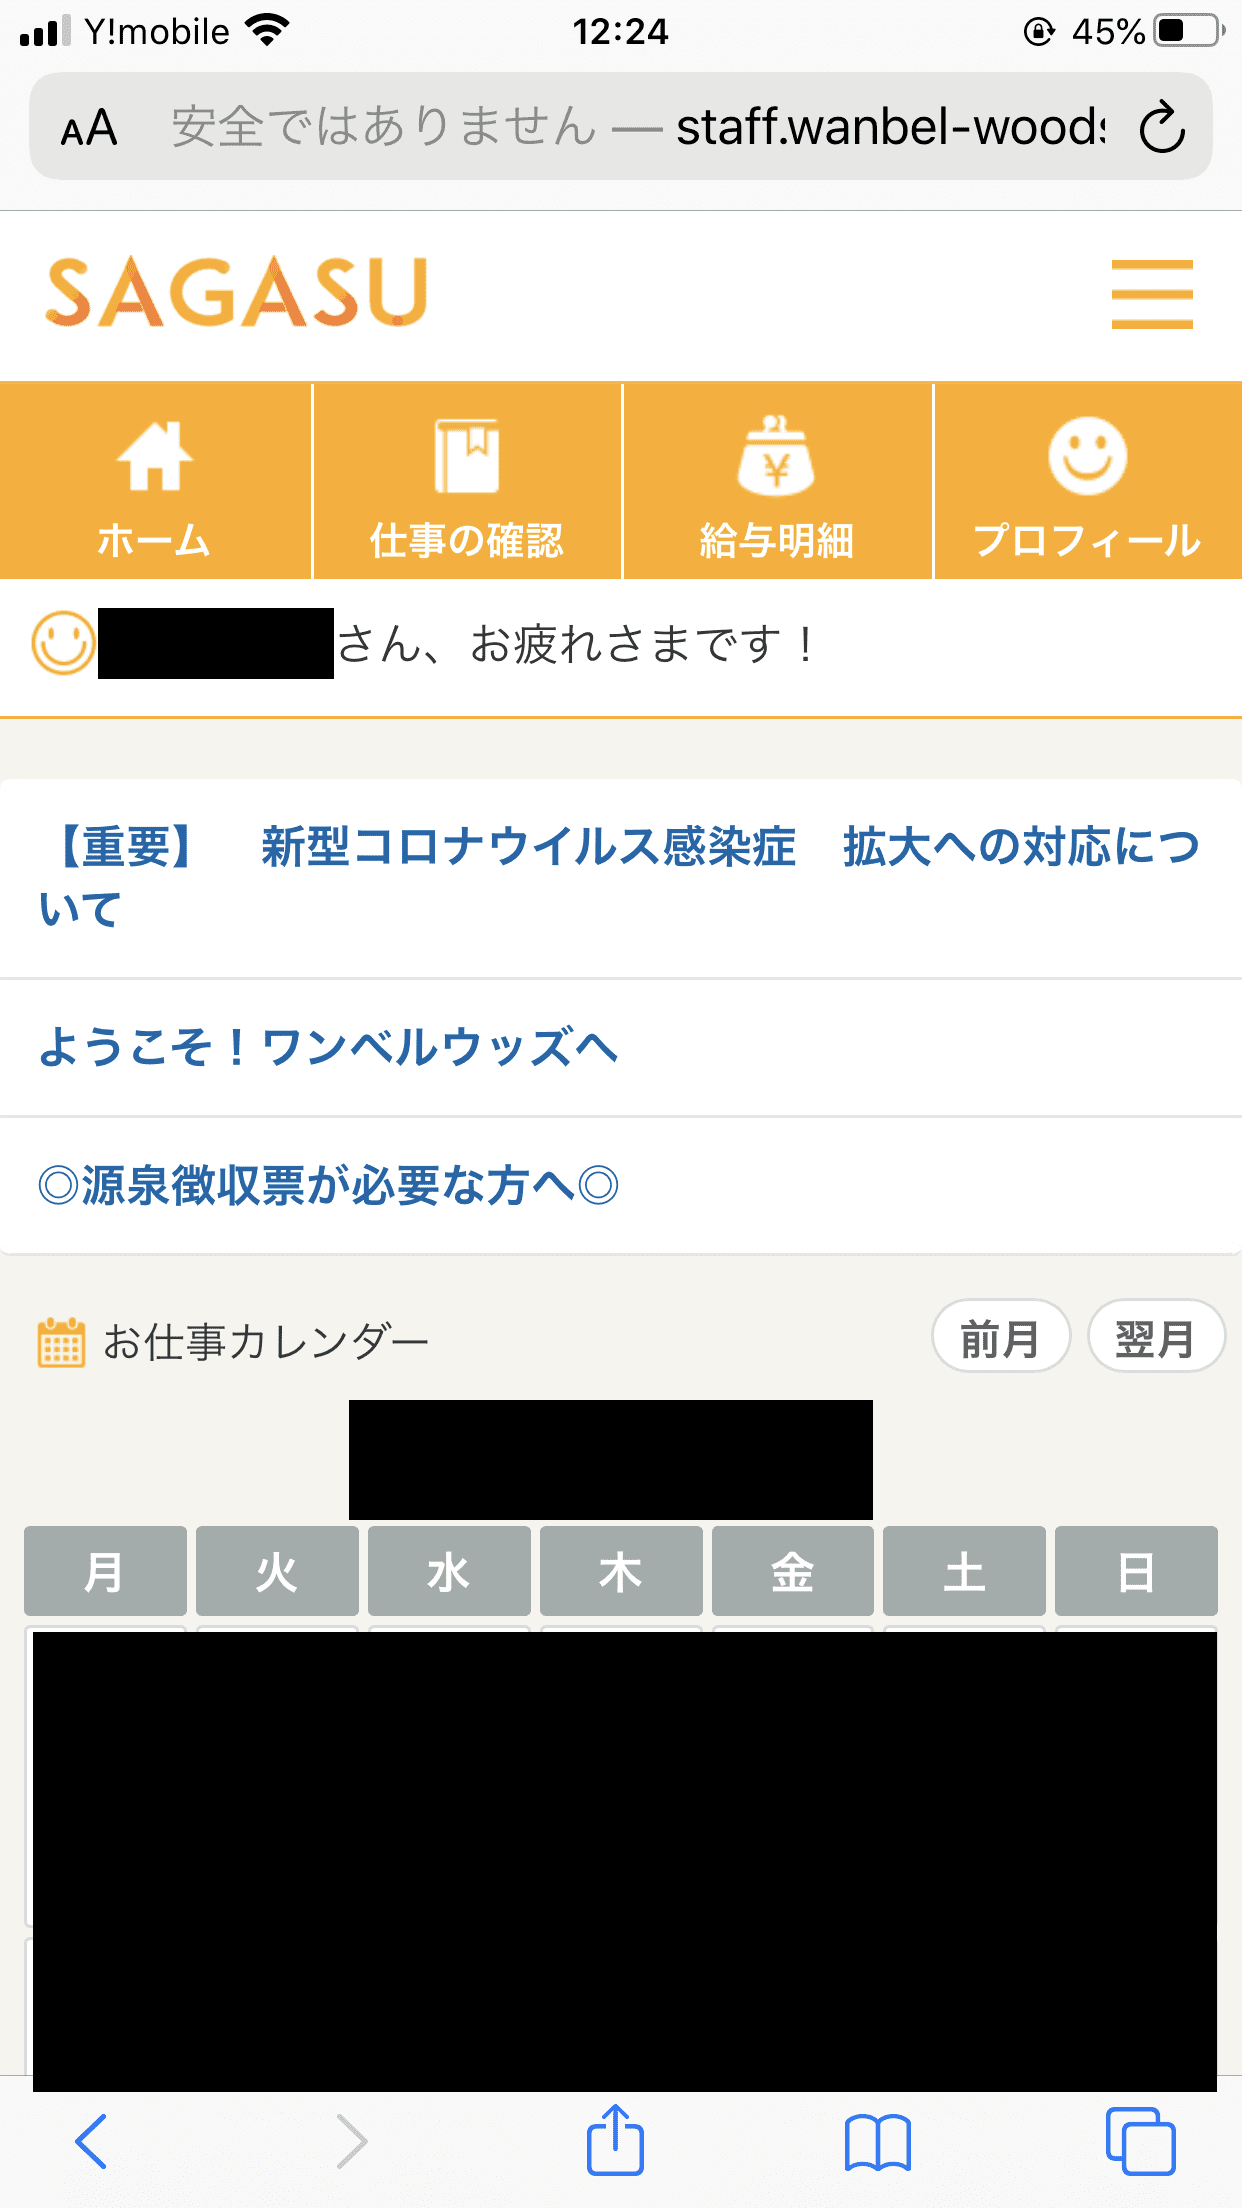 ワンベルウッズ 大阪